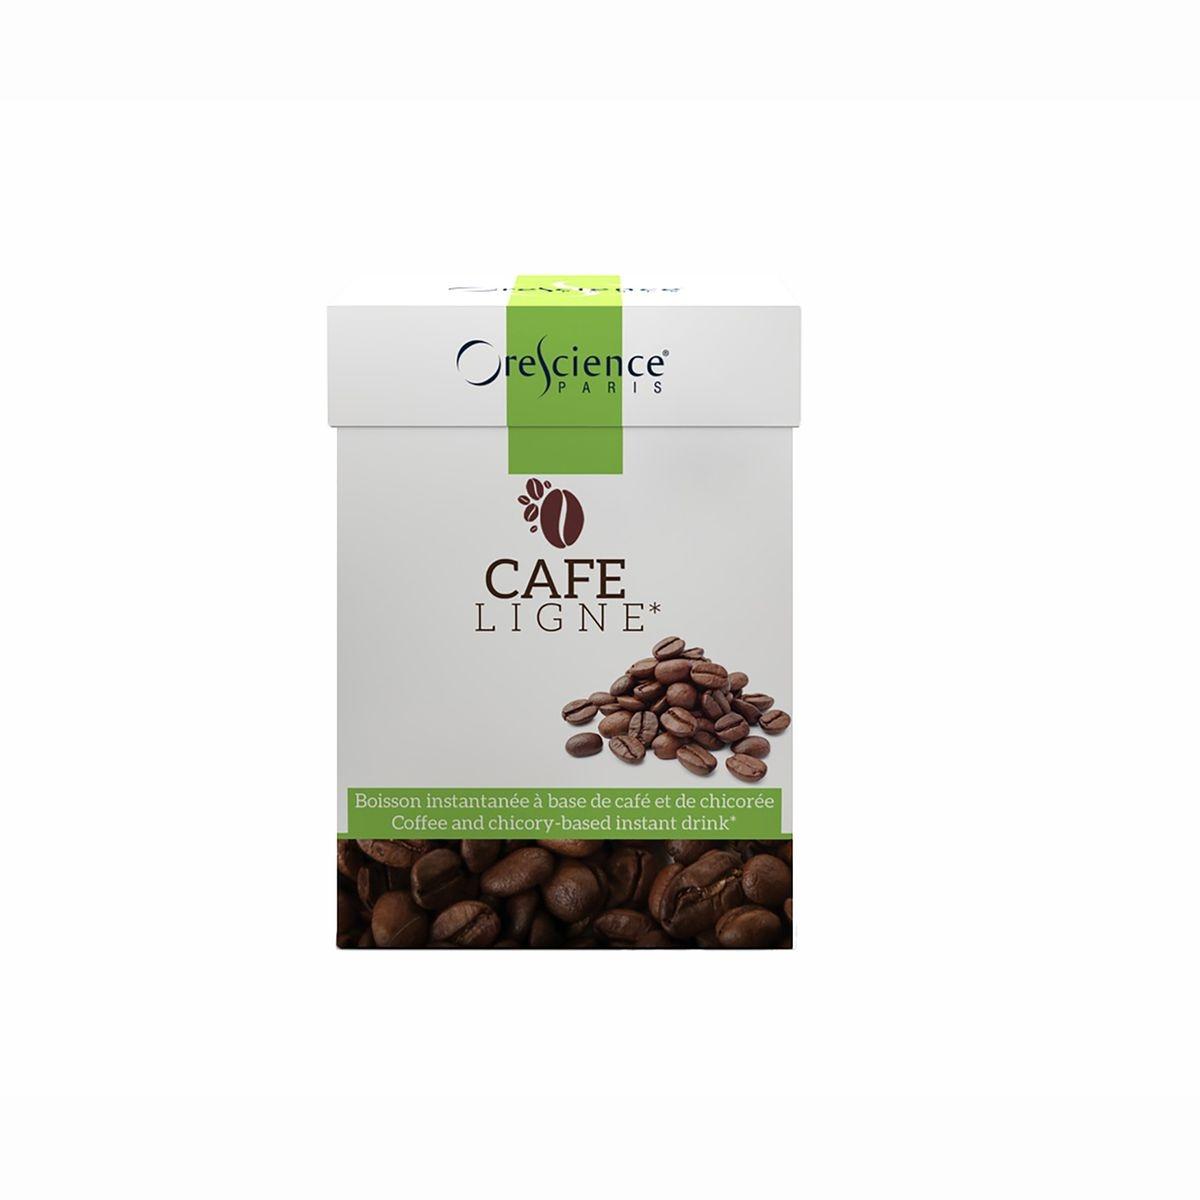 Orescience extrait concentré de café vert non torr